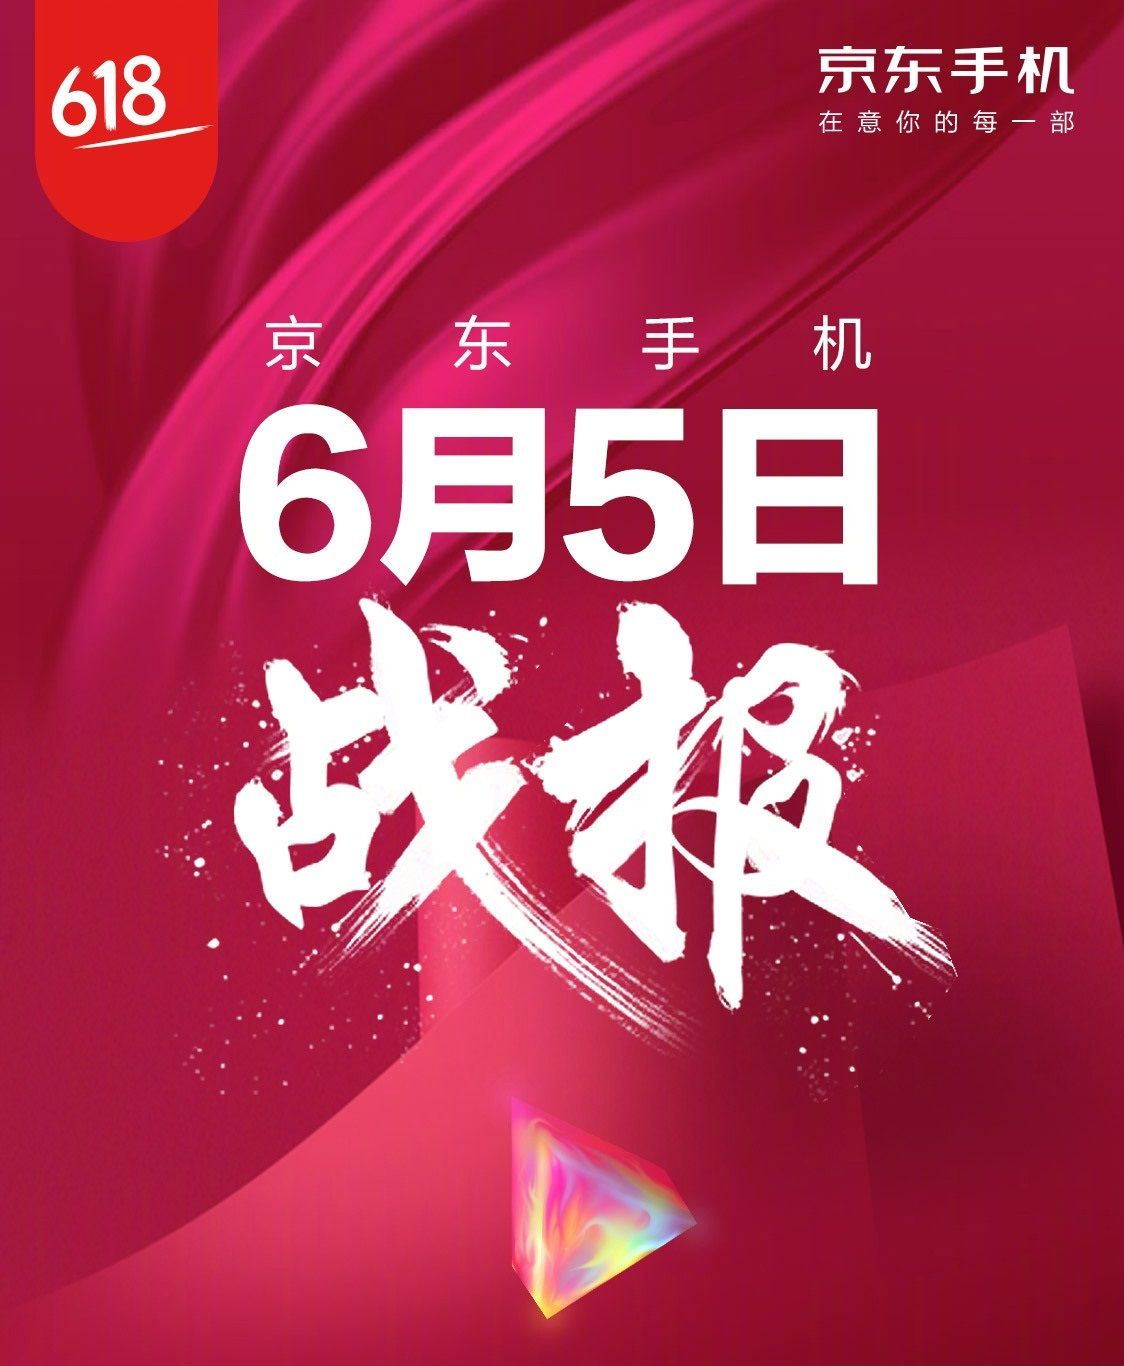 京東の「京東618(創業記念)セール」の5日目のランキングが公開。販売台数TOPはXiaomi